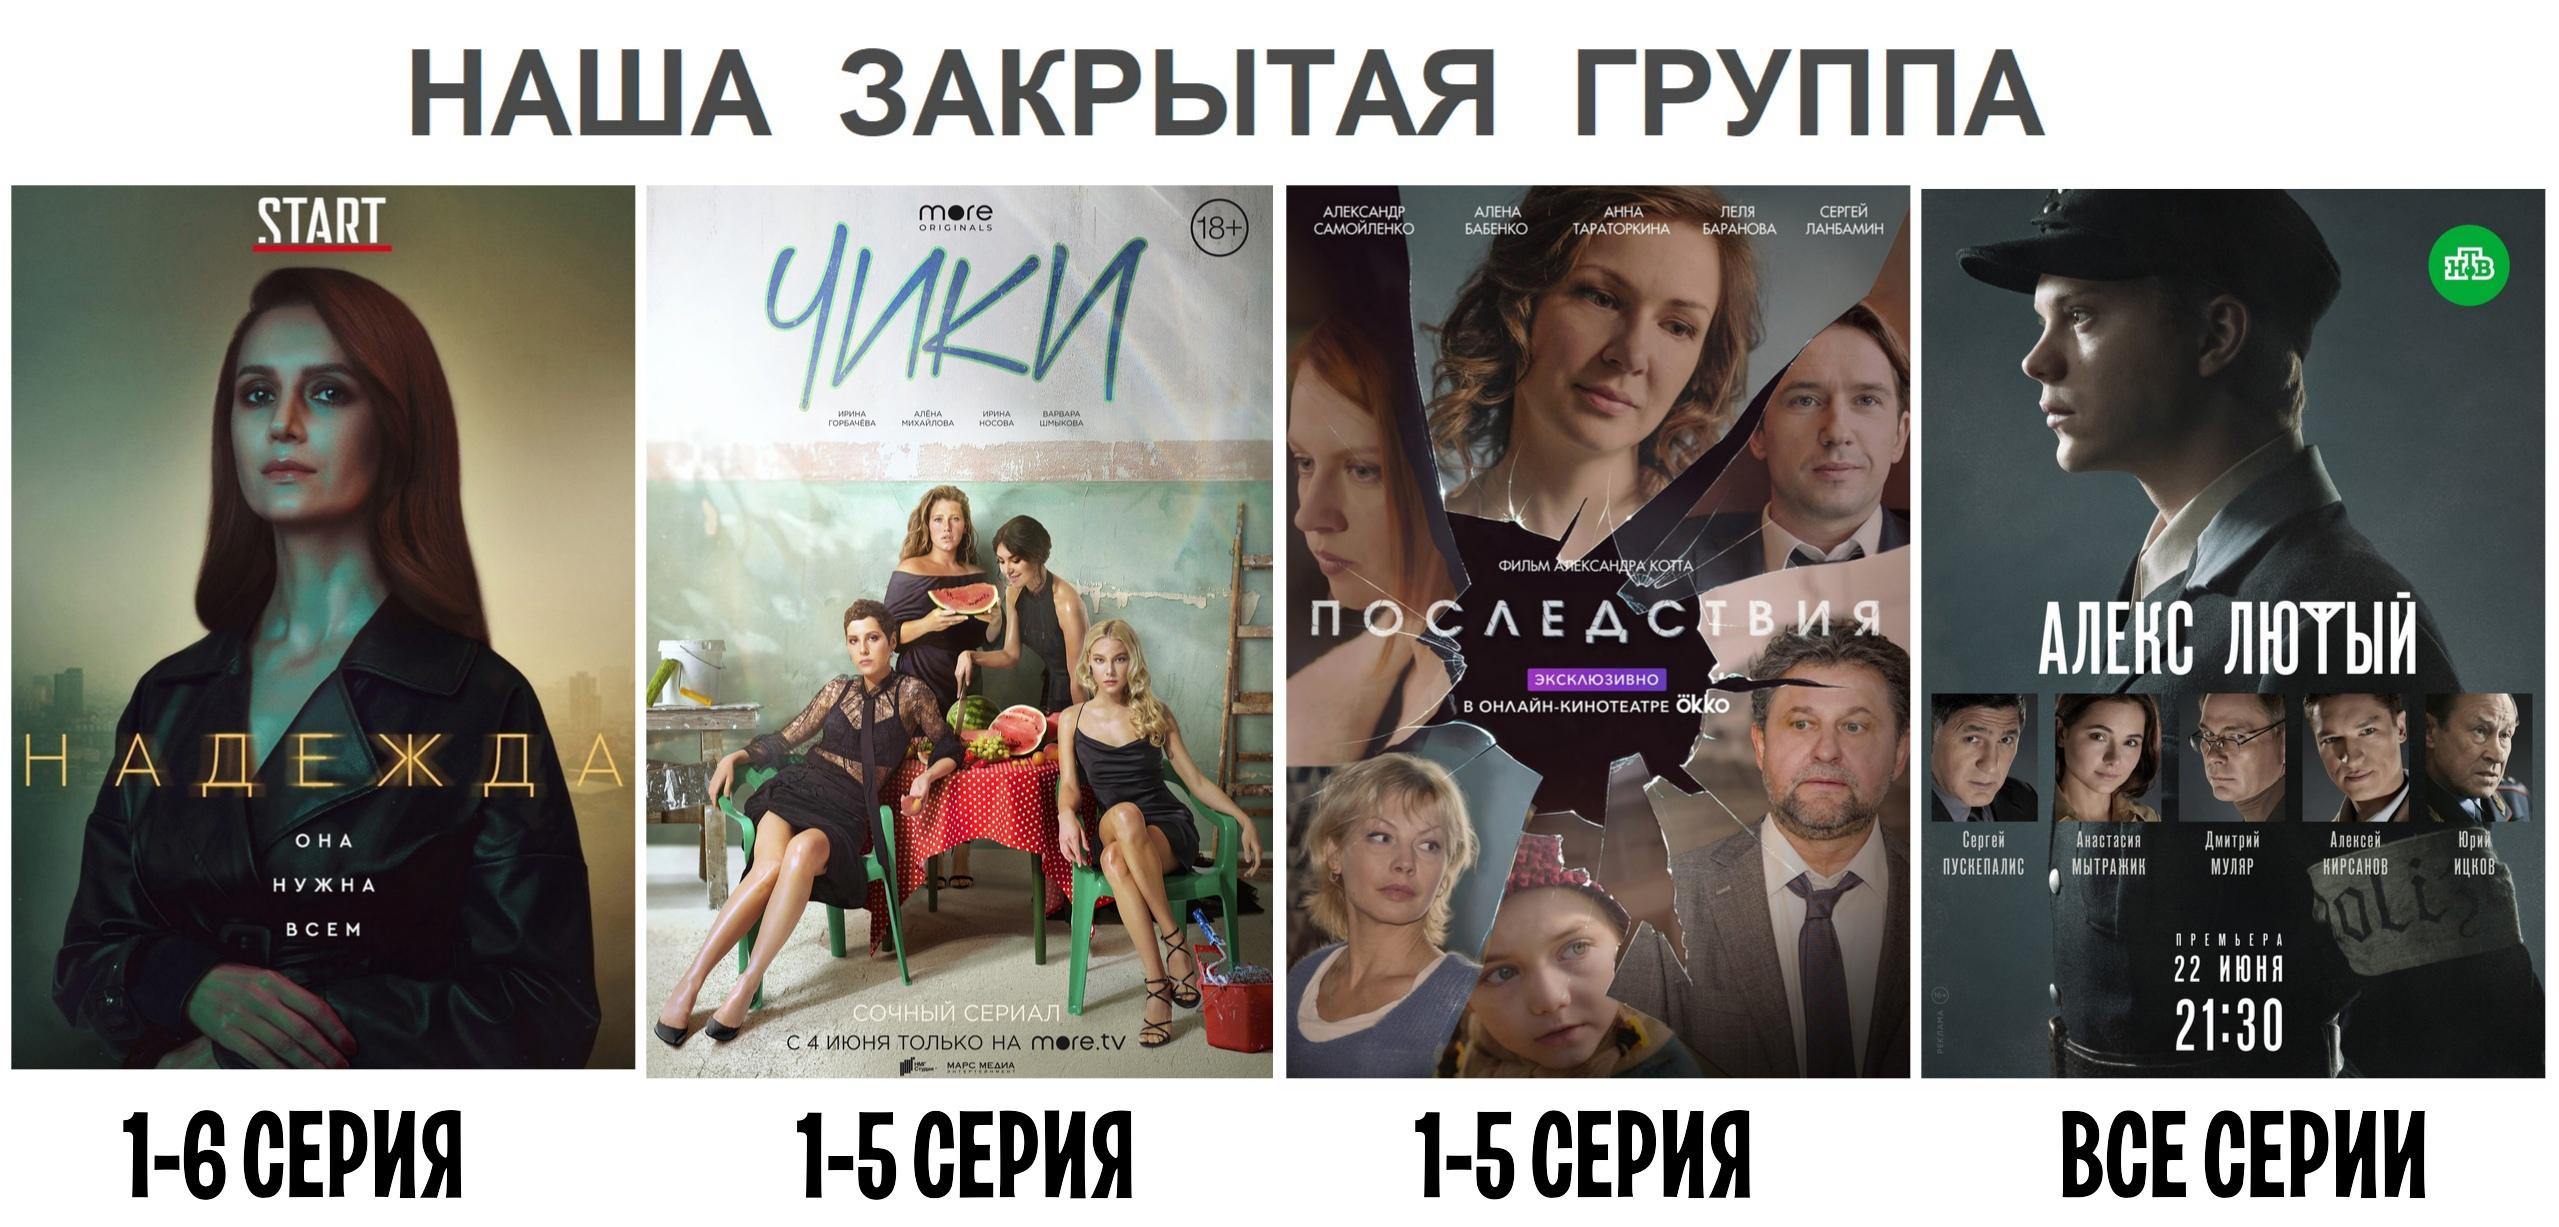 Эти и многие другие сериалы - vk.